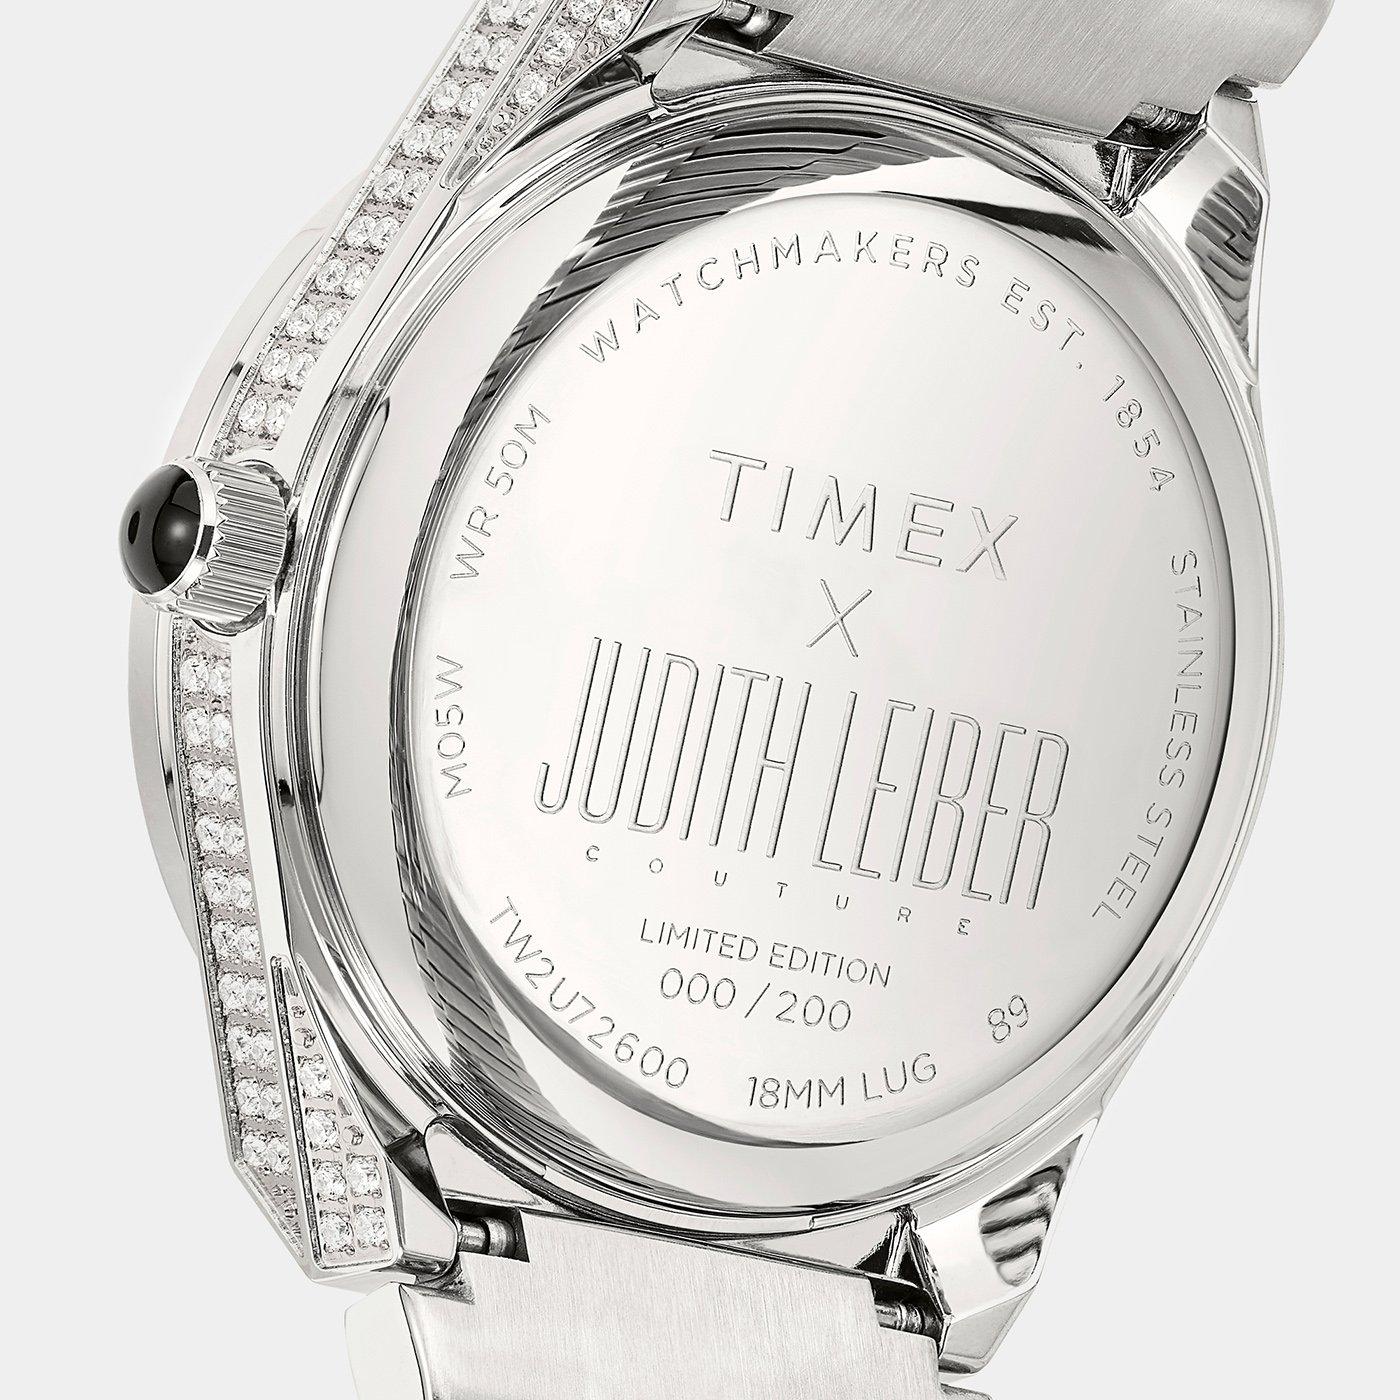 Timex представляет лимитированный выпуск совместных часов с Джудит Либер Кутюр